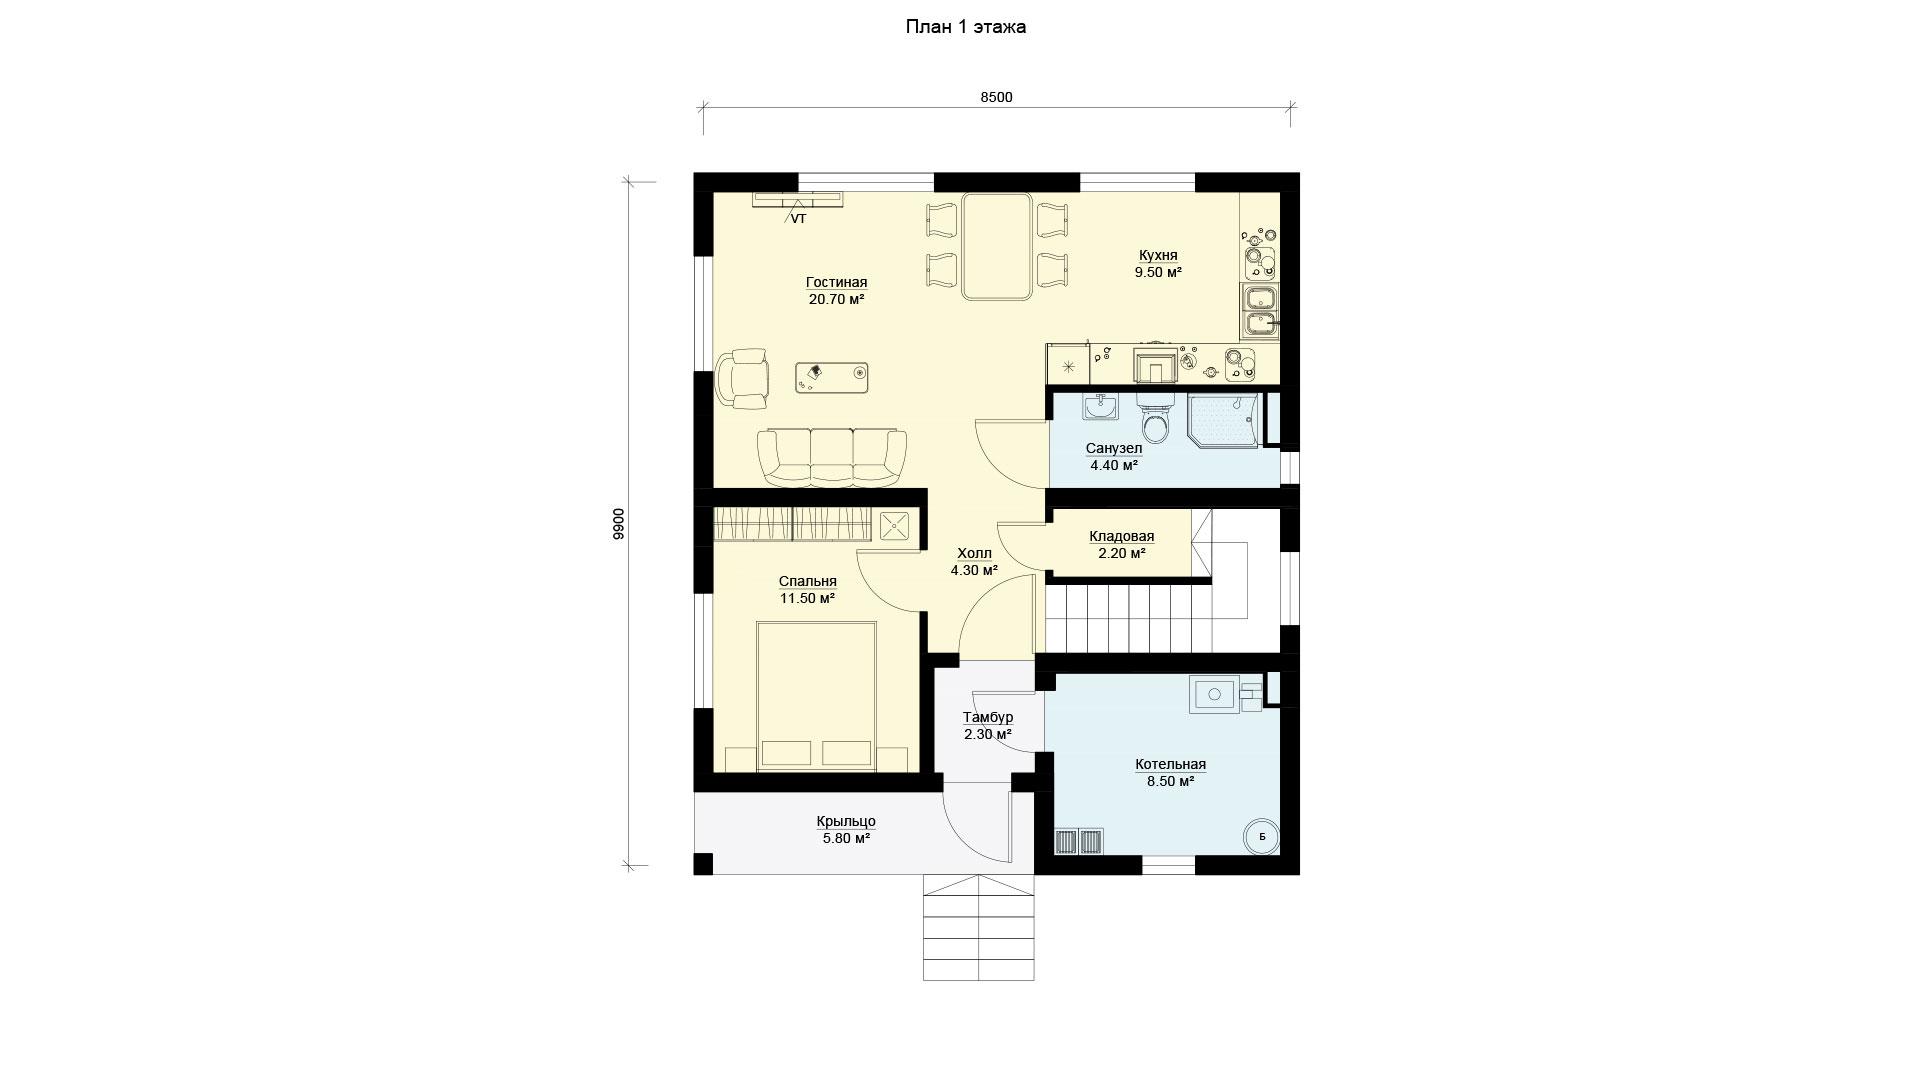 План первого этажа дома БП-145.